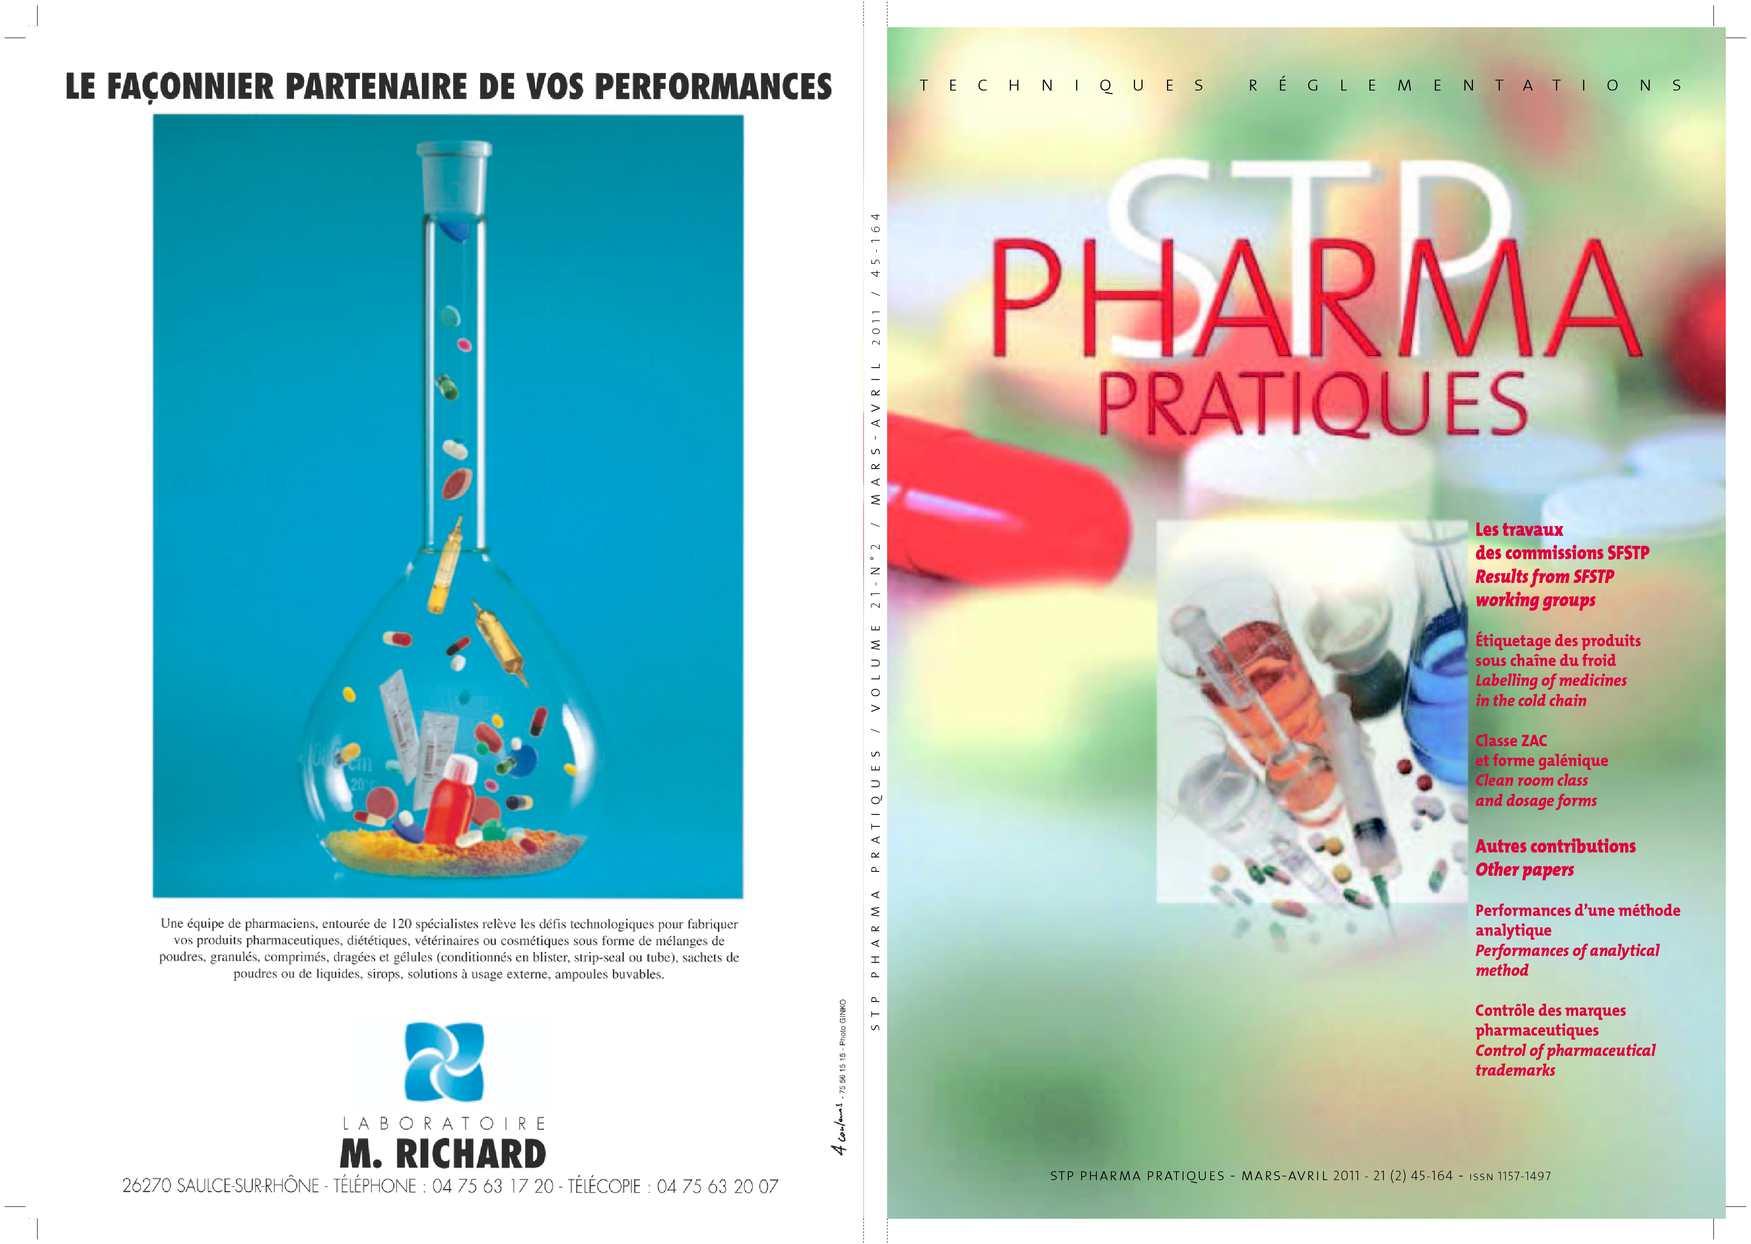 Date d'expiration de la FDA et des tests de stabilité pour les médicaments humains